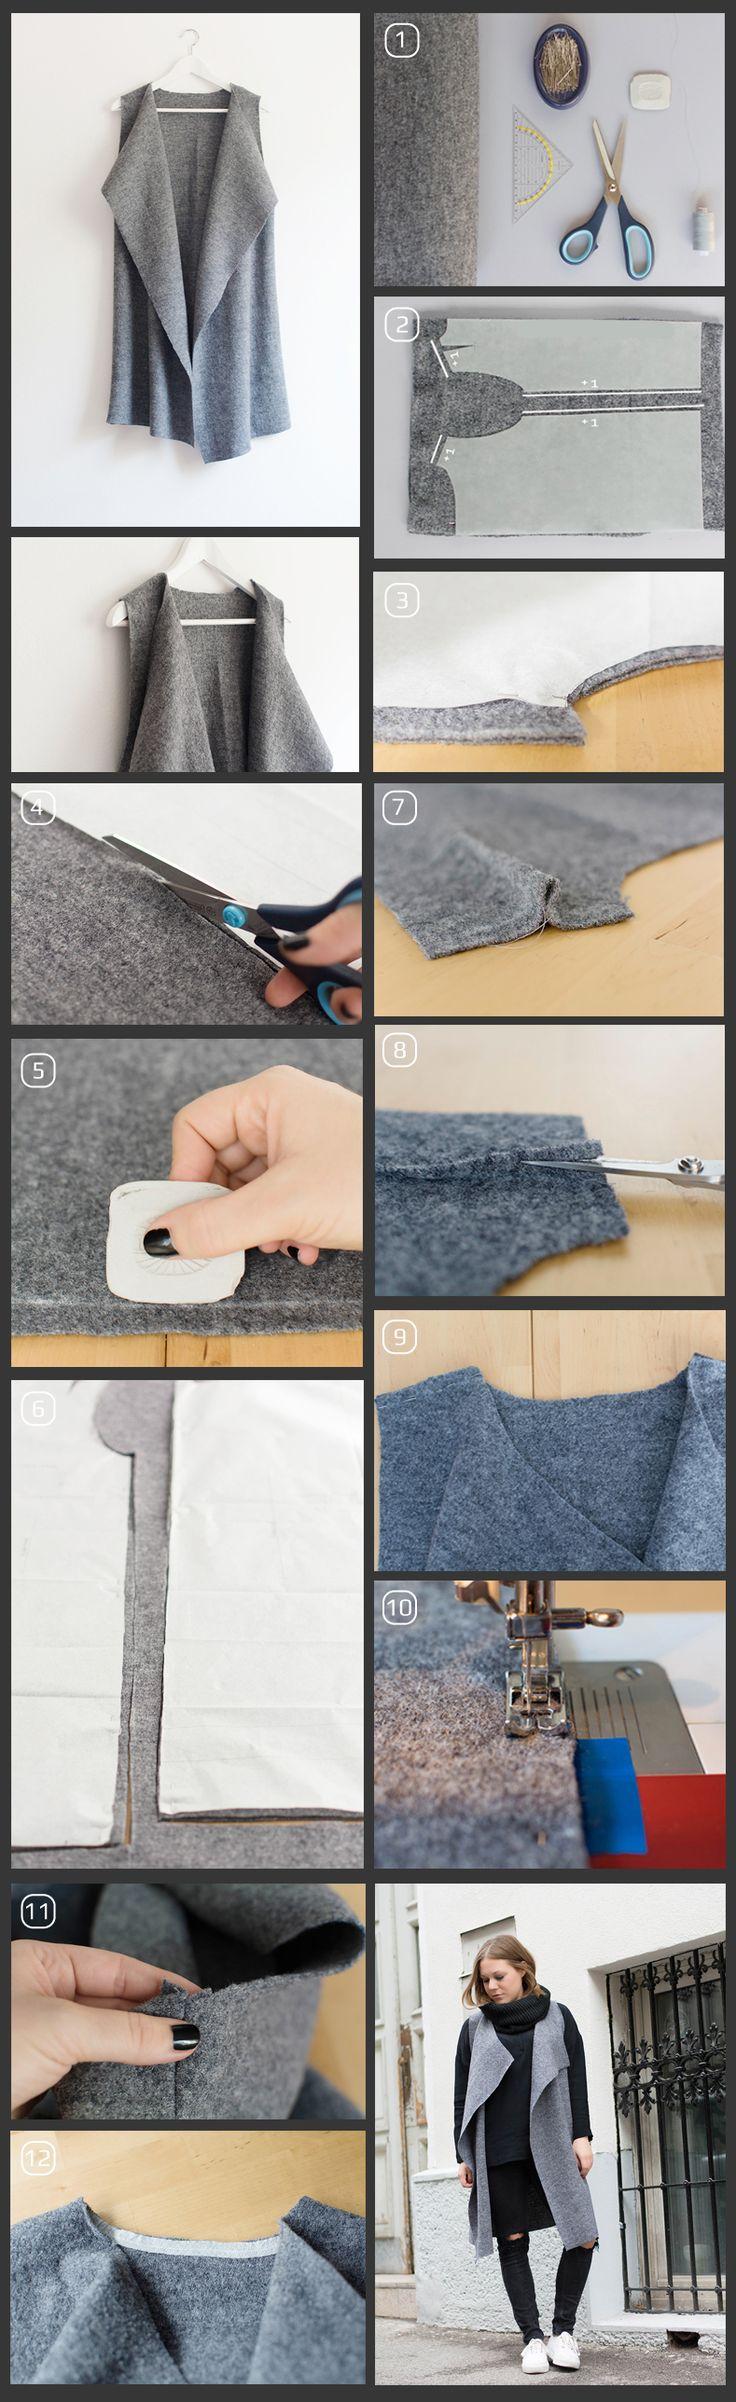 Шьем #стильный и теплый шерстяной #жилет ⛅ Инструкция в картинках, быстро и просто. #handmade #fashion #стиль #осень #шитье